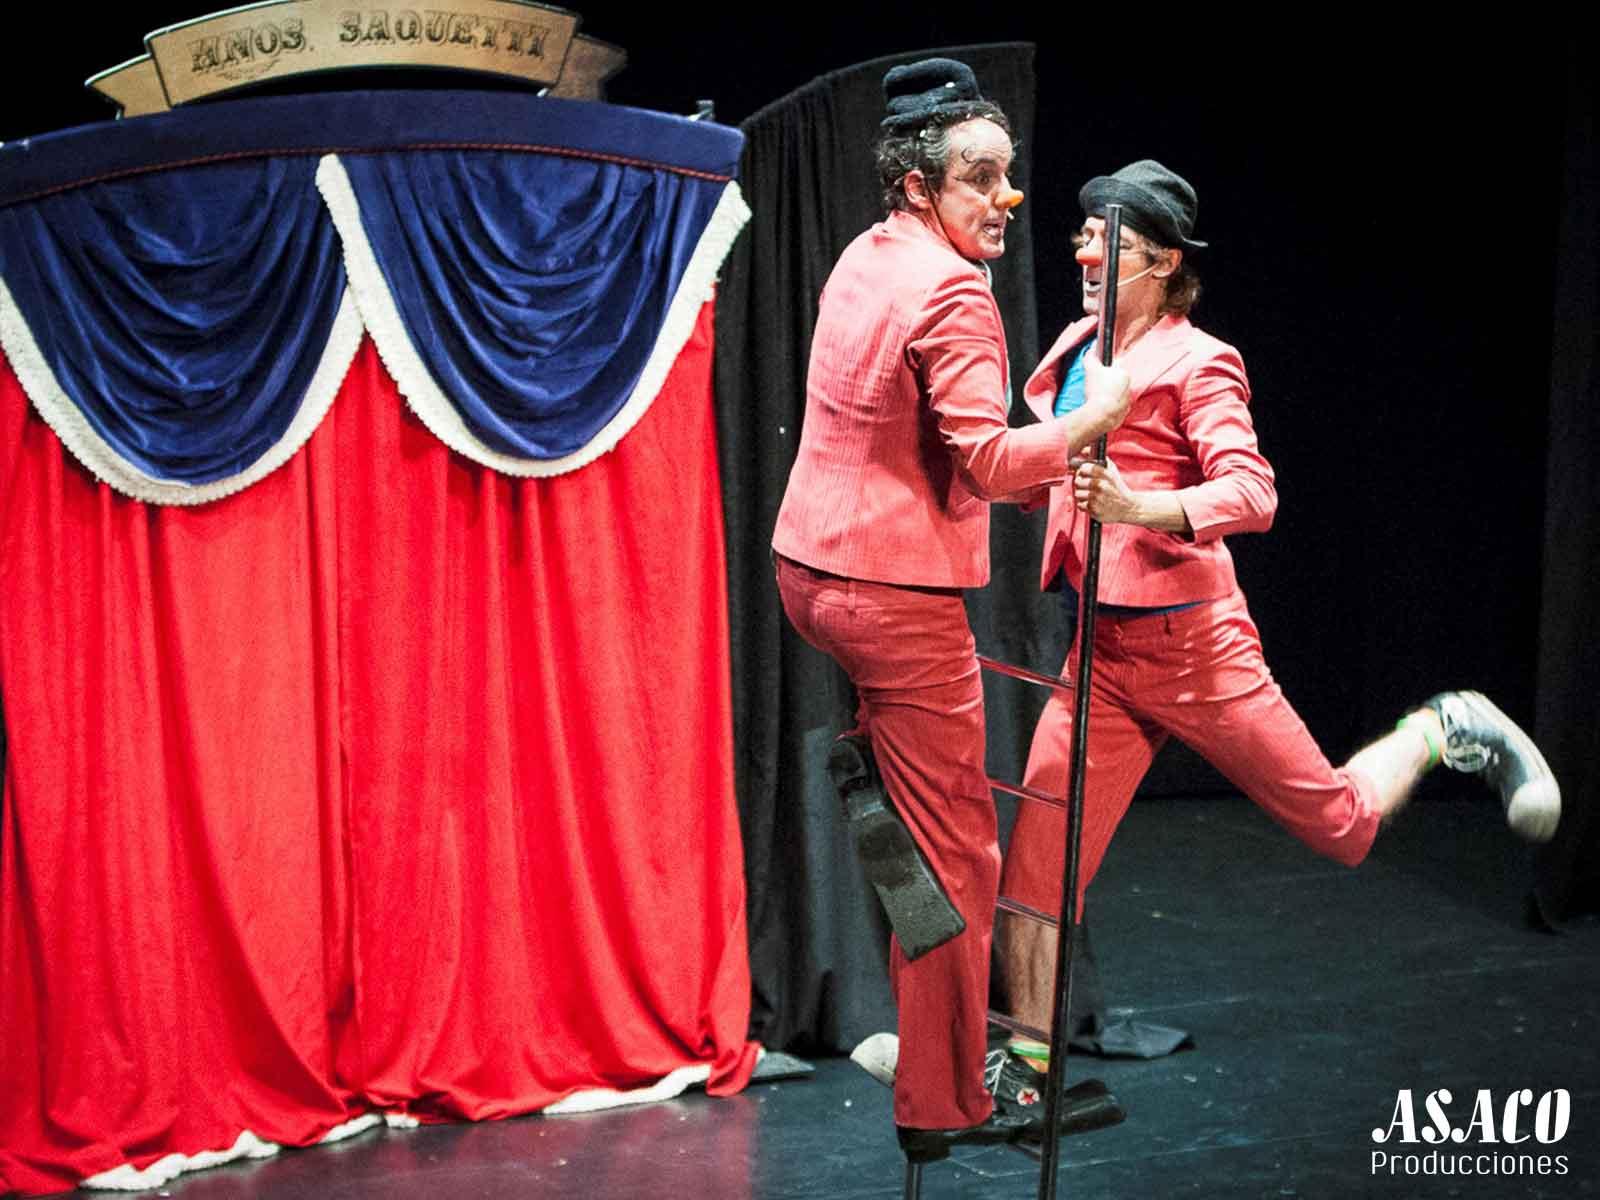 Teatro 'Hermanos Saquetti' en Teatro San Francisco (León)